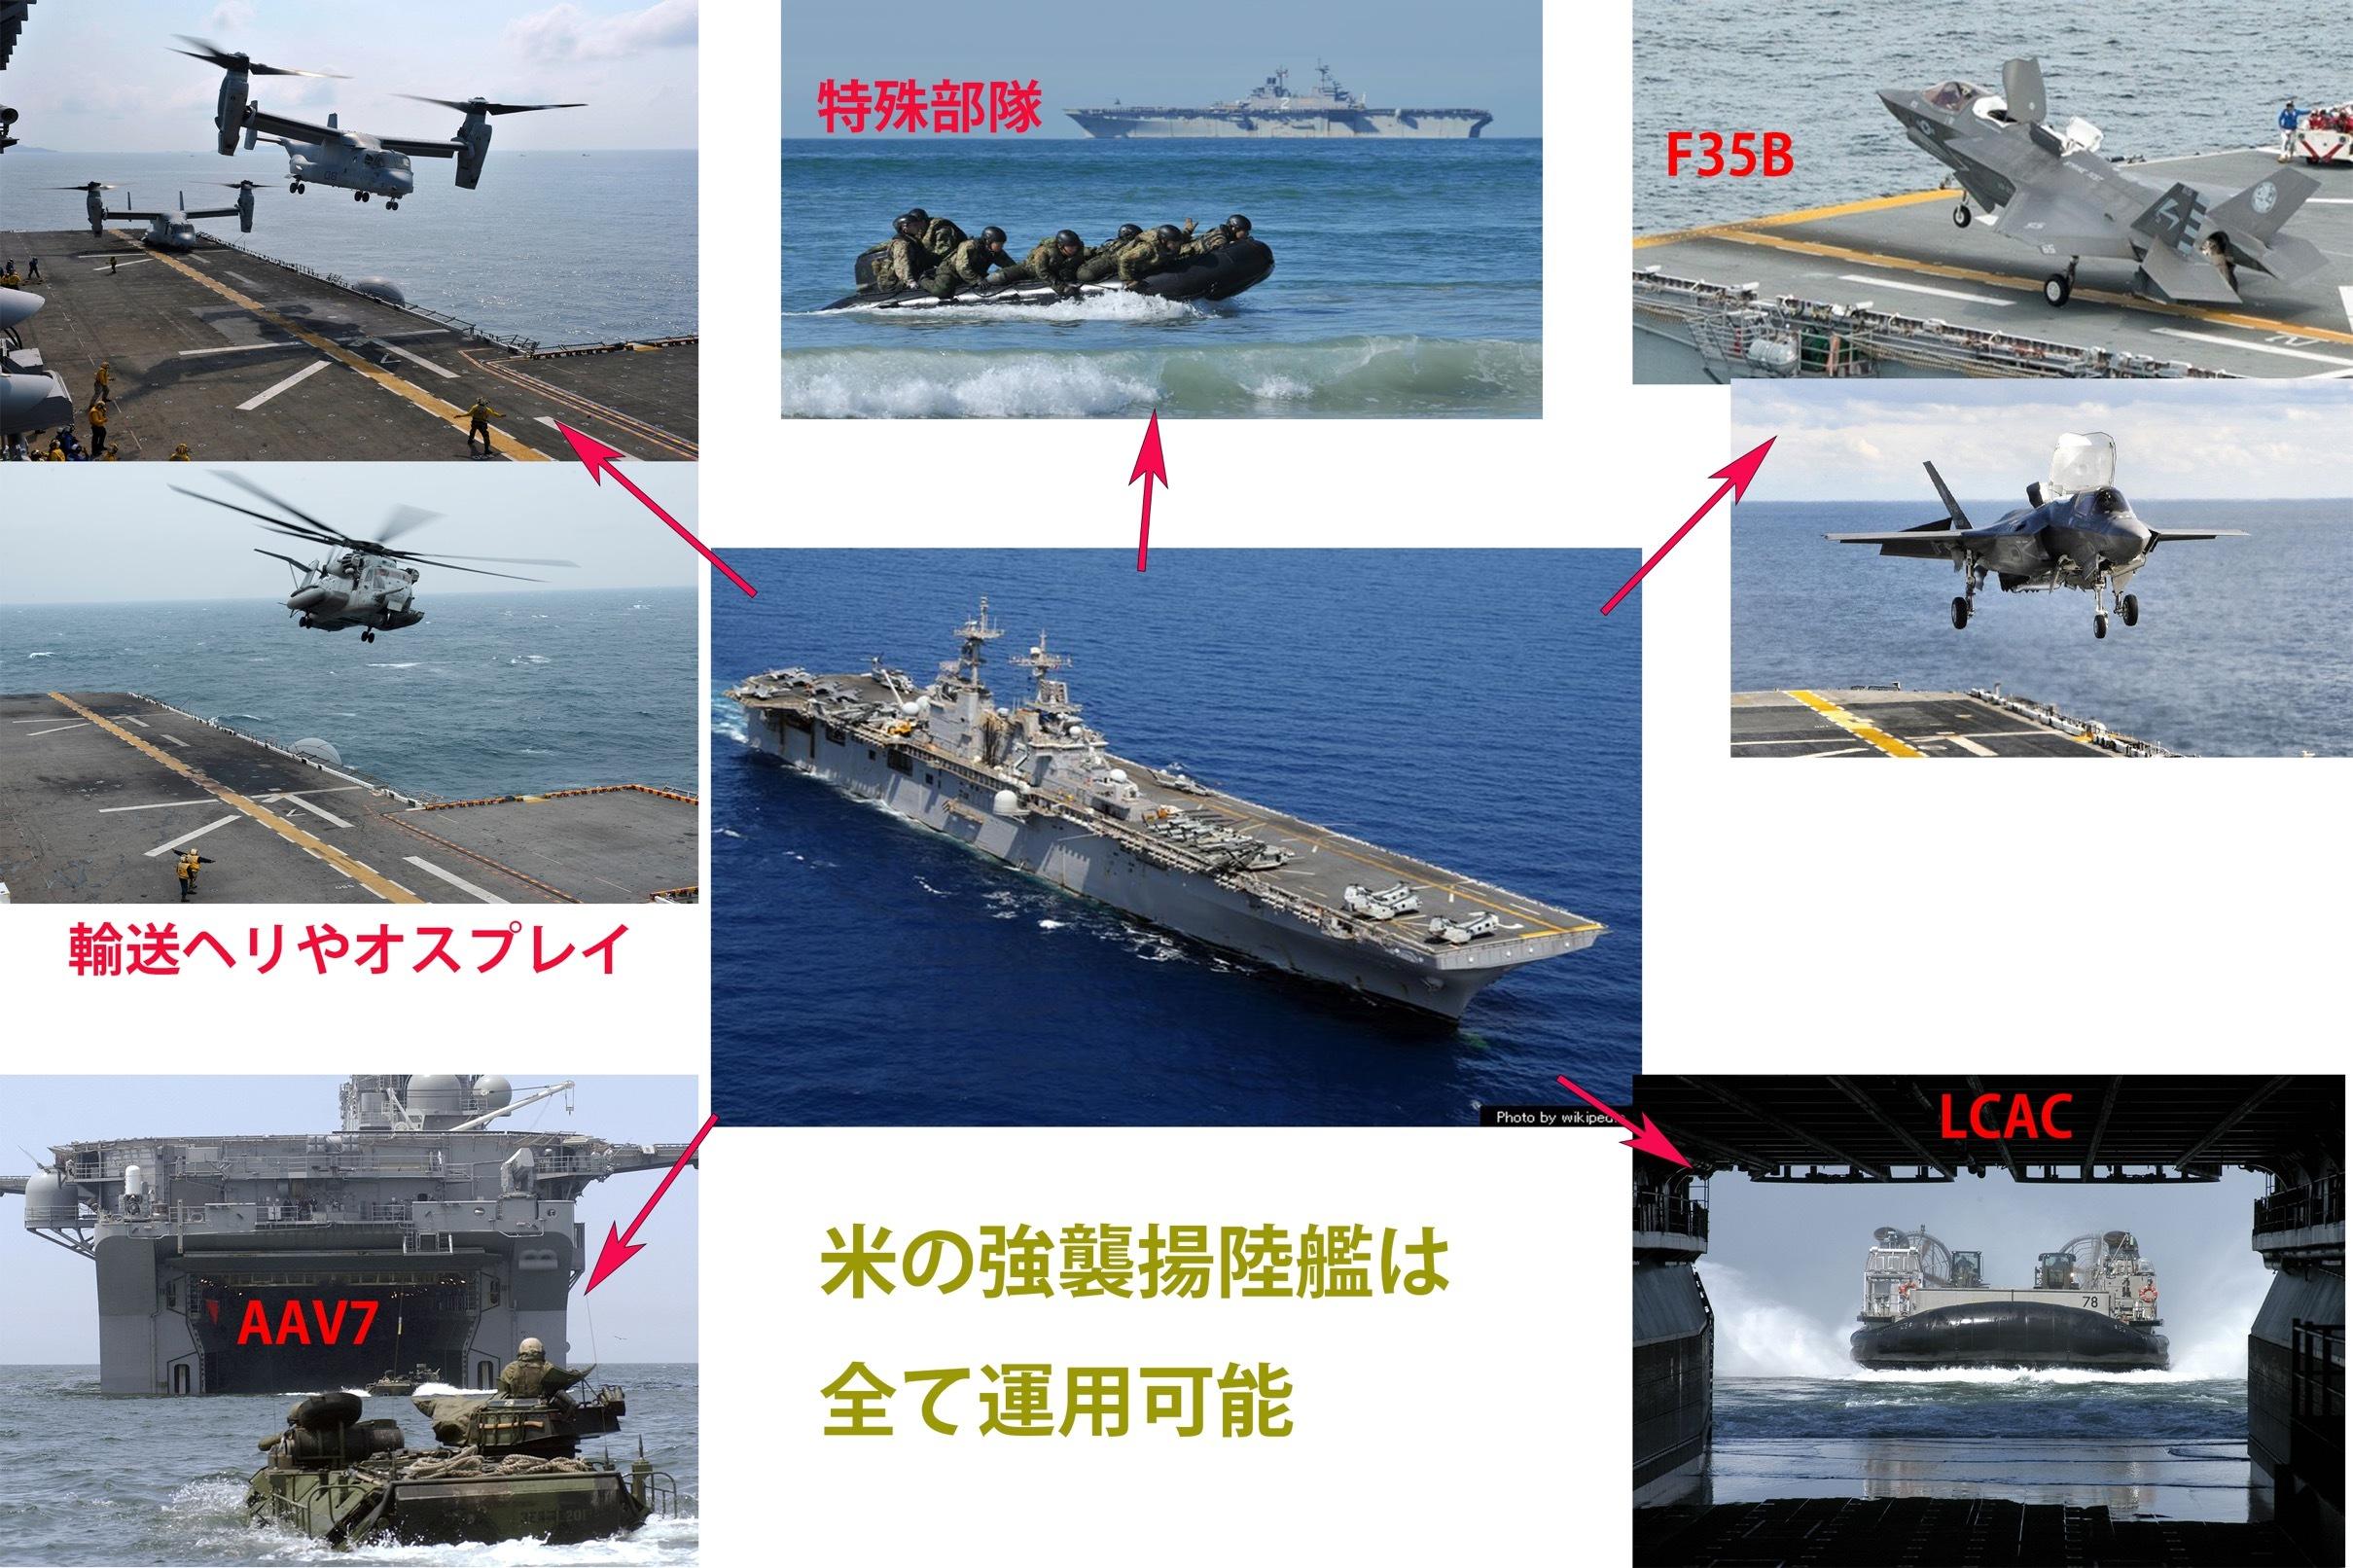 th_強襲揚陸艦機能